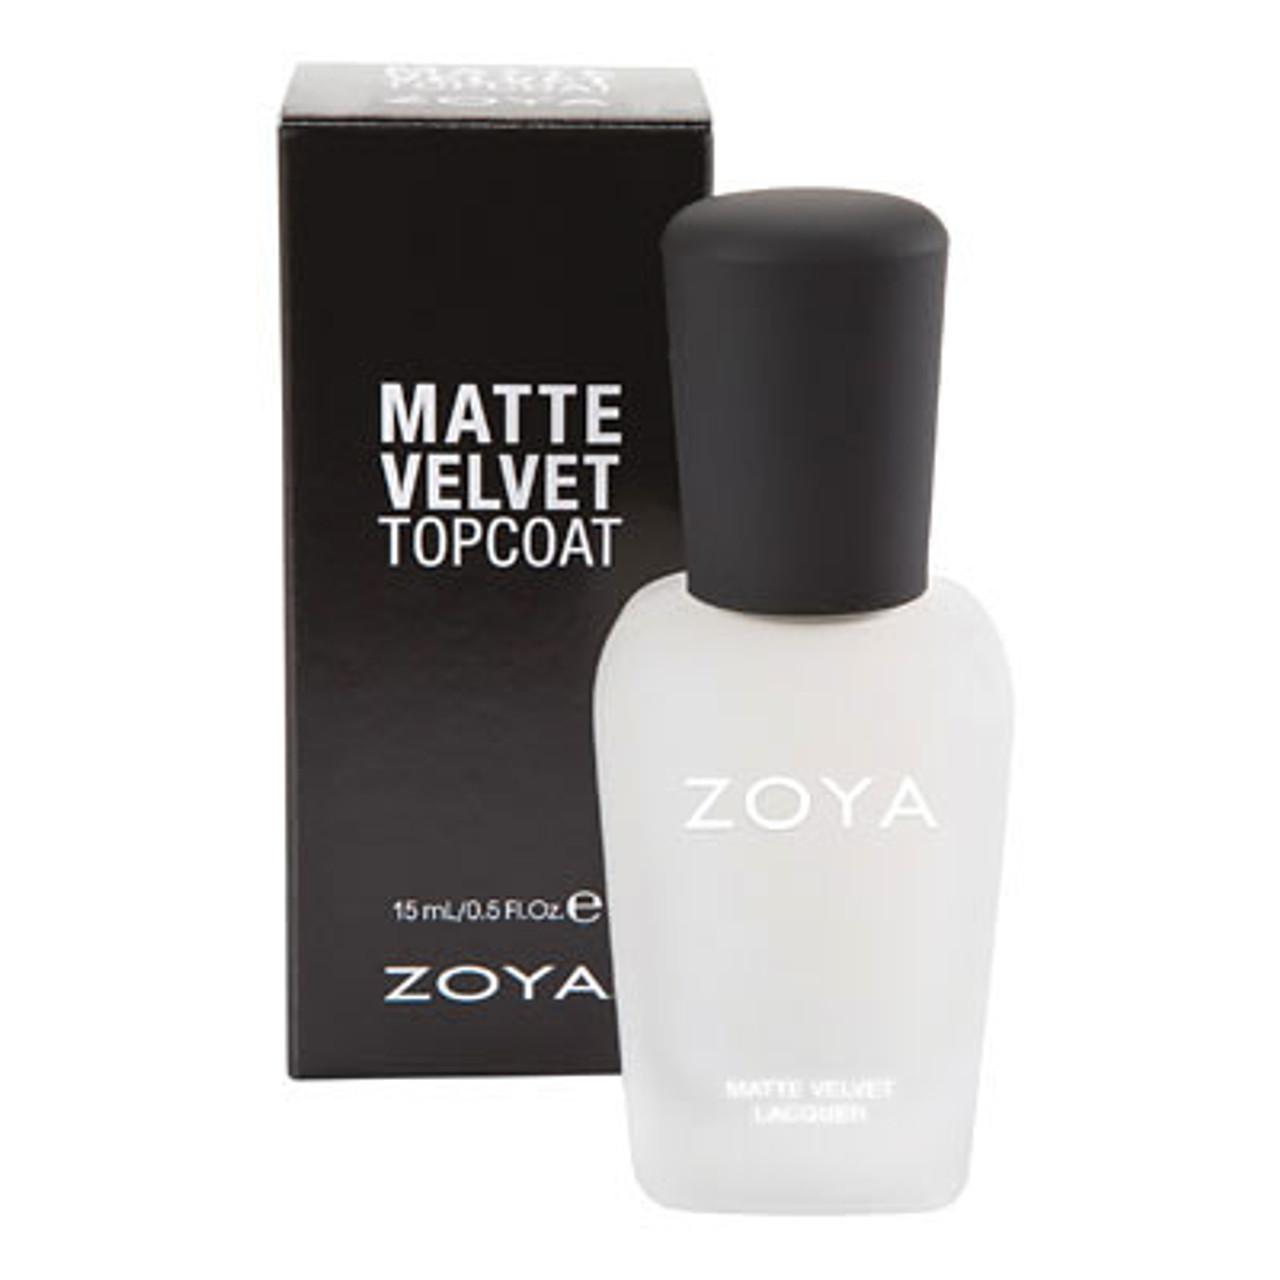 Zoya Matte Velvet Top Coat